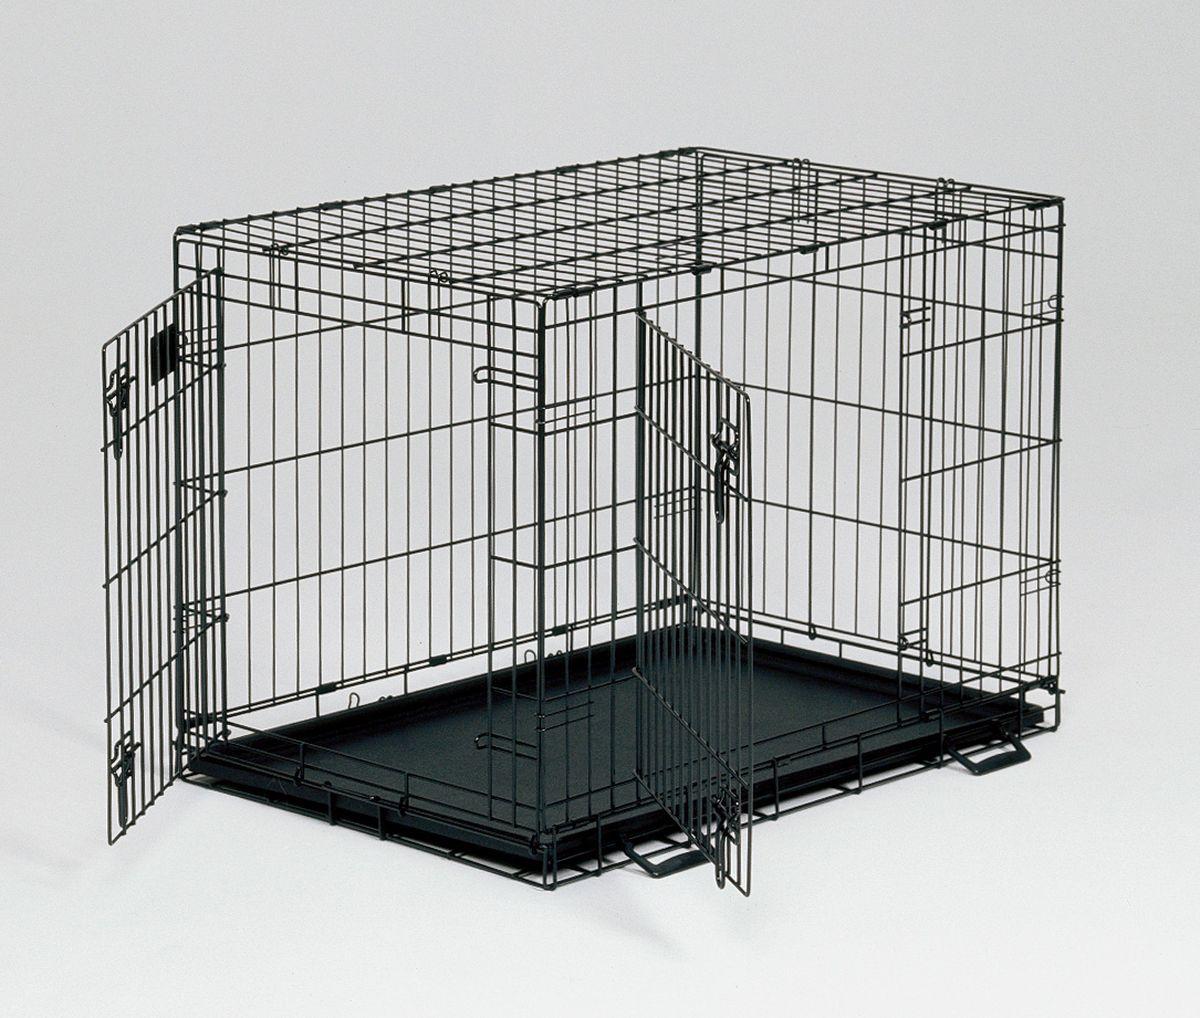 Клетка Midwest Life Stage, 2 двери, 91 x 61 x 69 см1636DDКлетка Midwest  Life Stag A.C.E. разработана специально для транспортировки средних и крупных собак. Закругленная угловая защита обеспечивает безопасность питомцам и людям. Клетка из нержавеющей стали оснащена: - двумя надежными дверками; - безопасным двойным замком (задвижка закрывает и снаружи и внутри); - прочным пластиковым поддоном, который не повреждает поверхность, на которой размещается; - разделяющей панелью, обеспечивающей создание универсальных отсеков; - качественными ручками для переноски питомца. Размер клетки (ДхШхВ): 91 x 61 x 69 см. Вес конструкции: 13,6 кг. Товар сертифицирован.